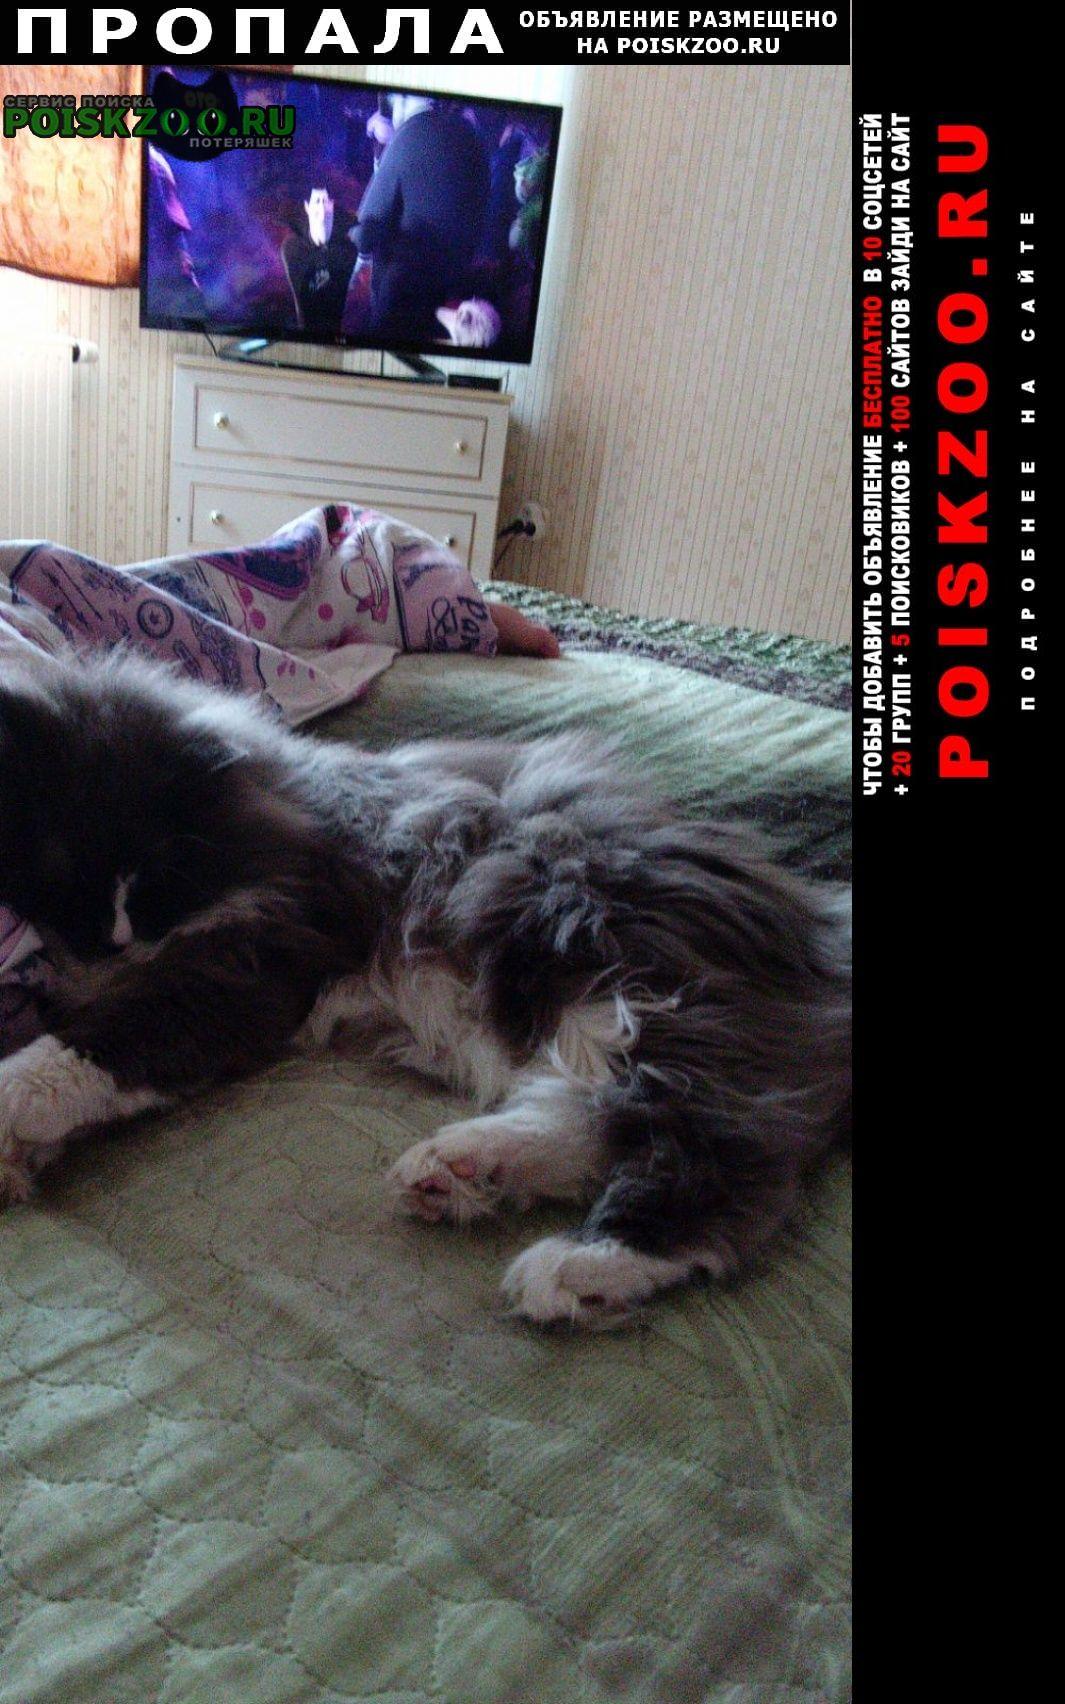 Пропала кошка кот по кличке борис. Ханты-Мансийск